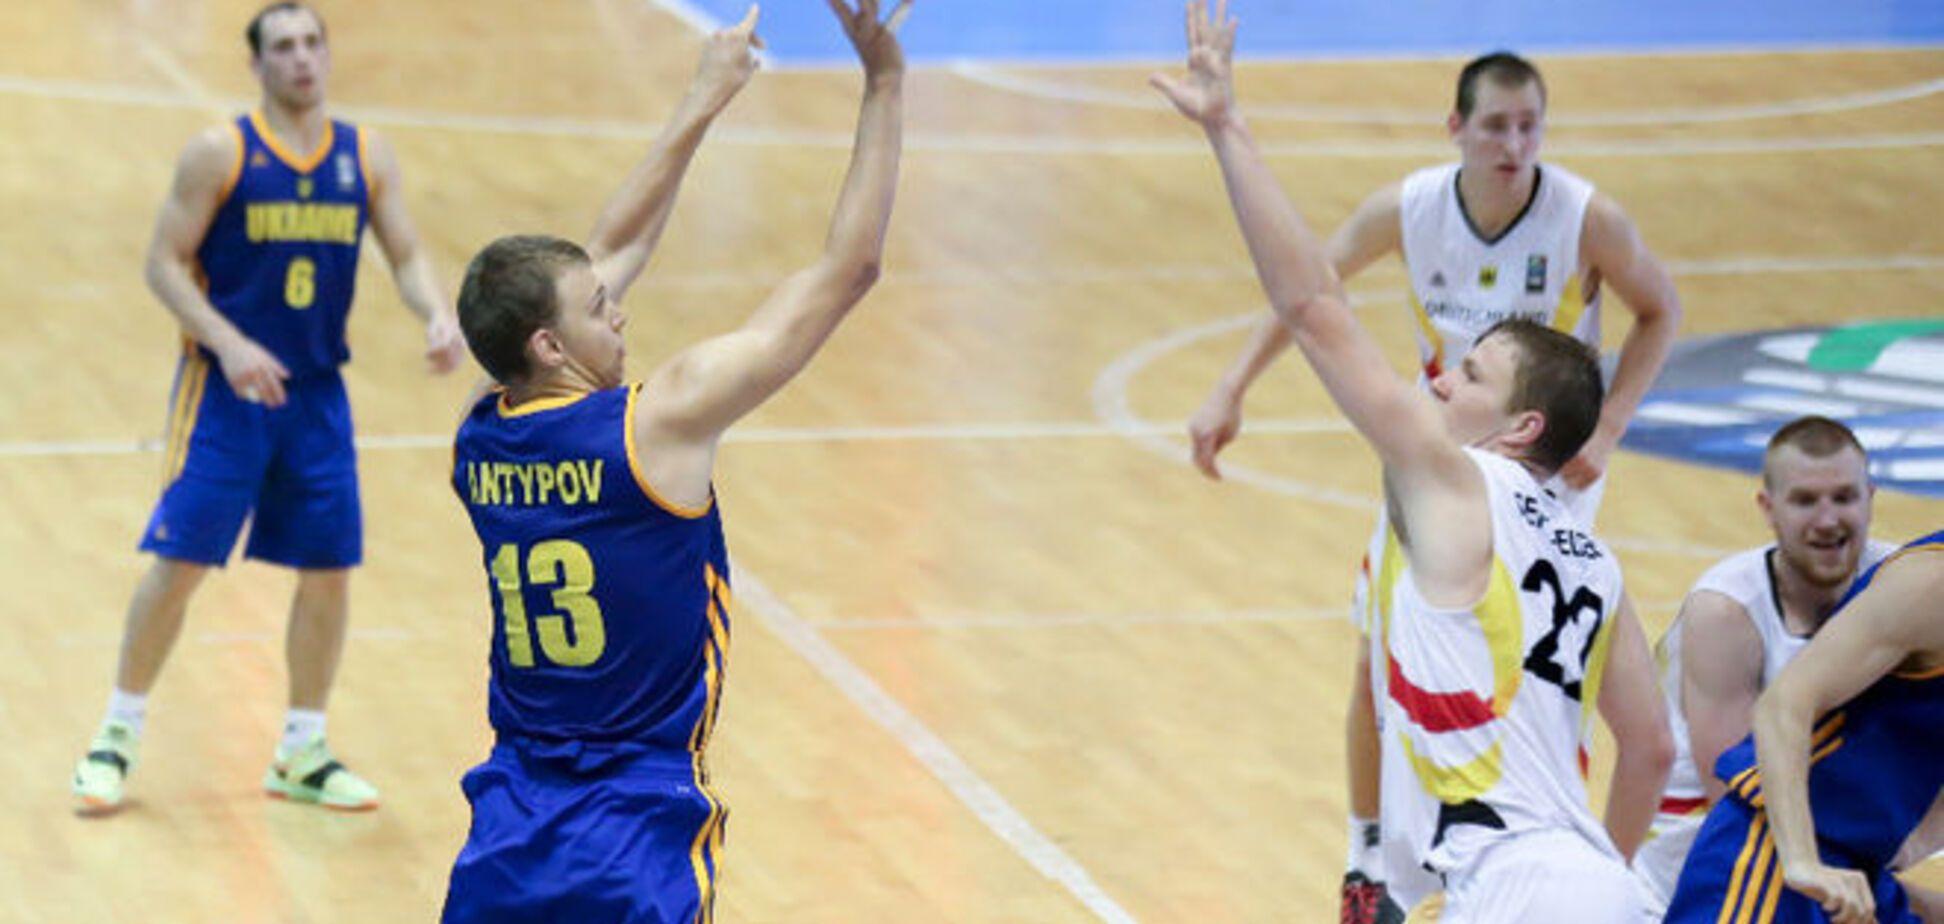 'Литва - Україна' - 28-29: дивитися онлайн відеотрансляцію матчу Євробаскету U-20